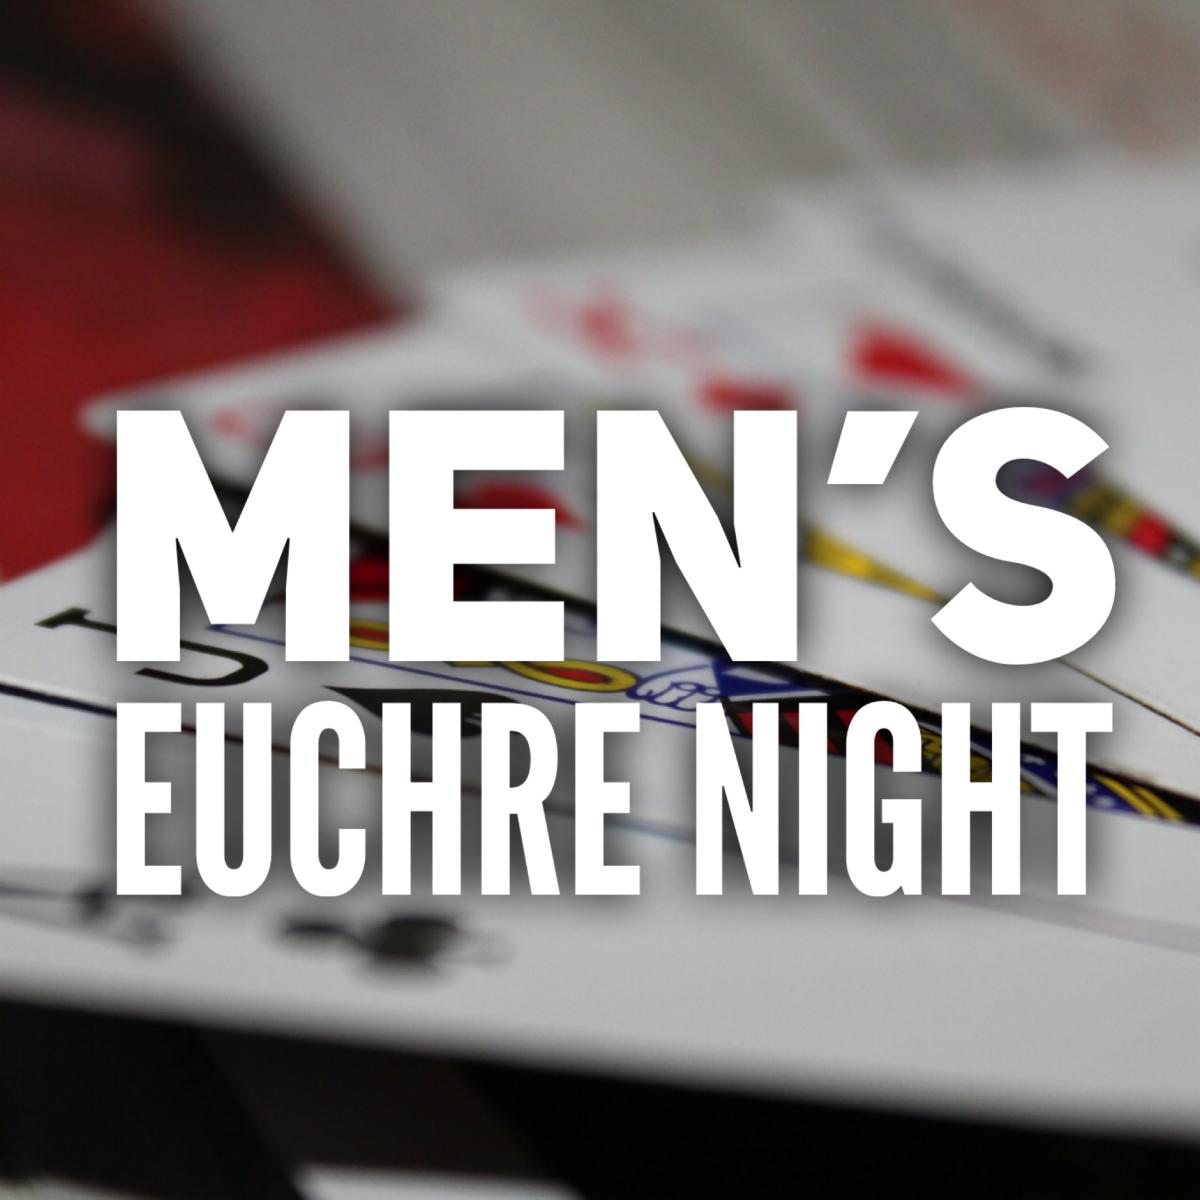 Men's Euchre Night